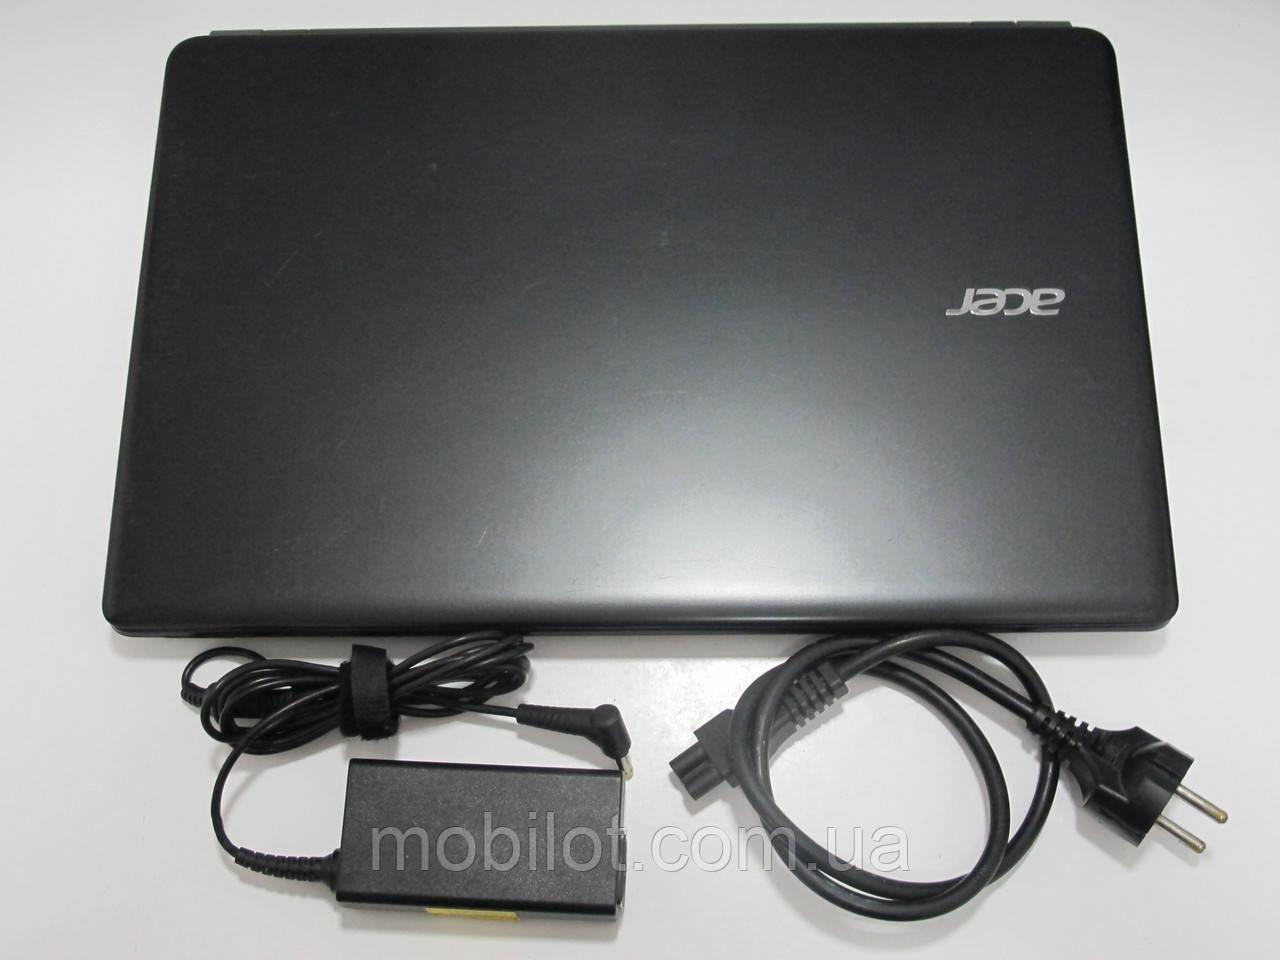 Ноутбук Acer Aspire E1-522 (NR-7201)